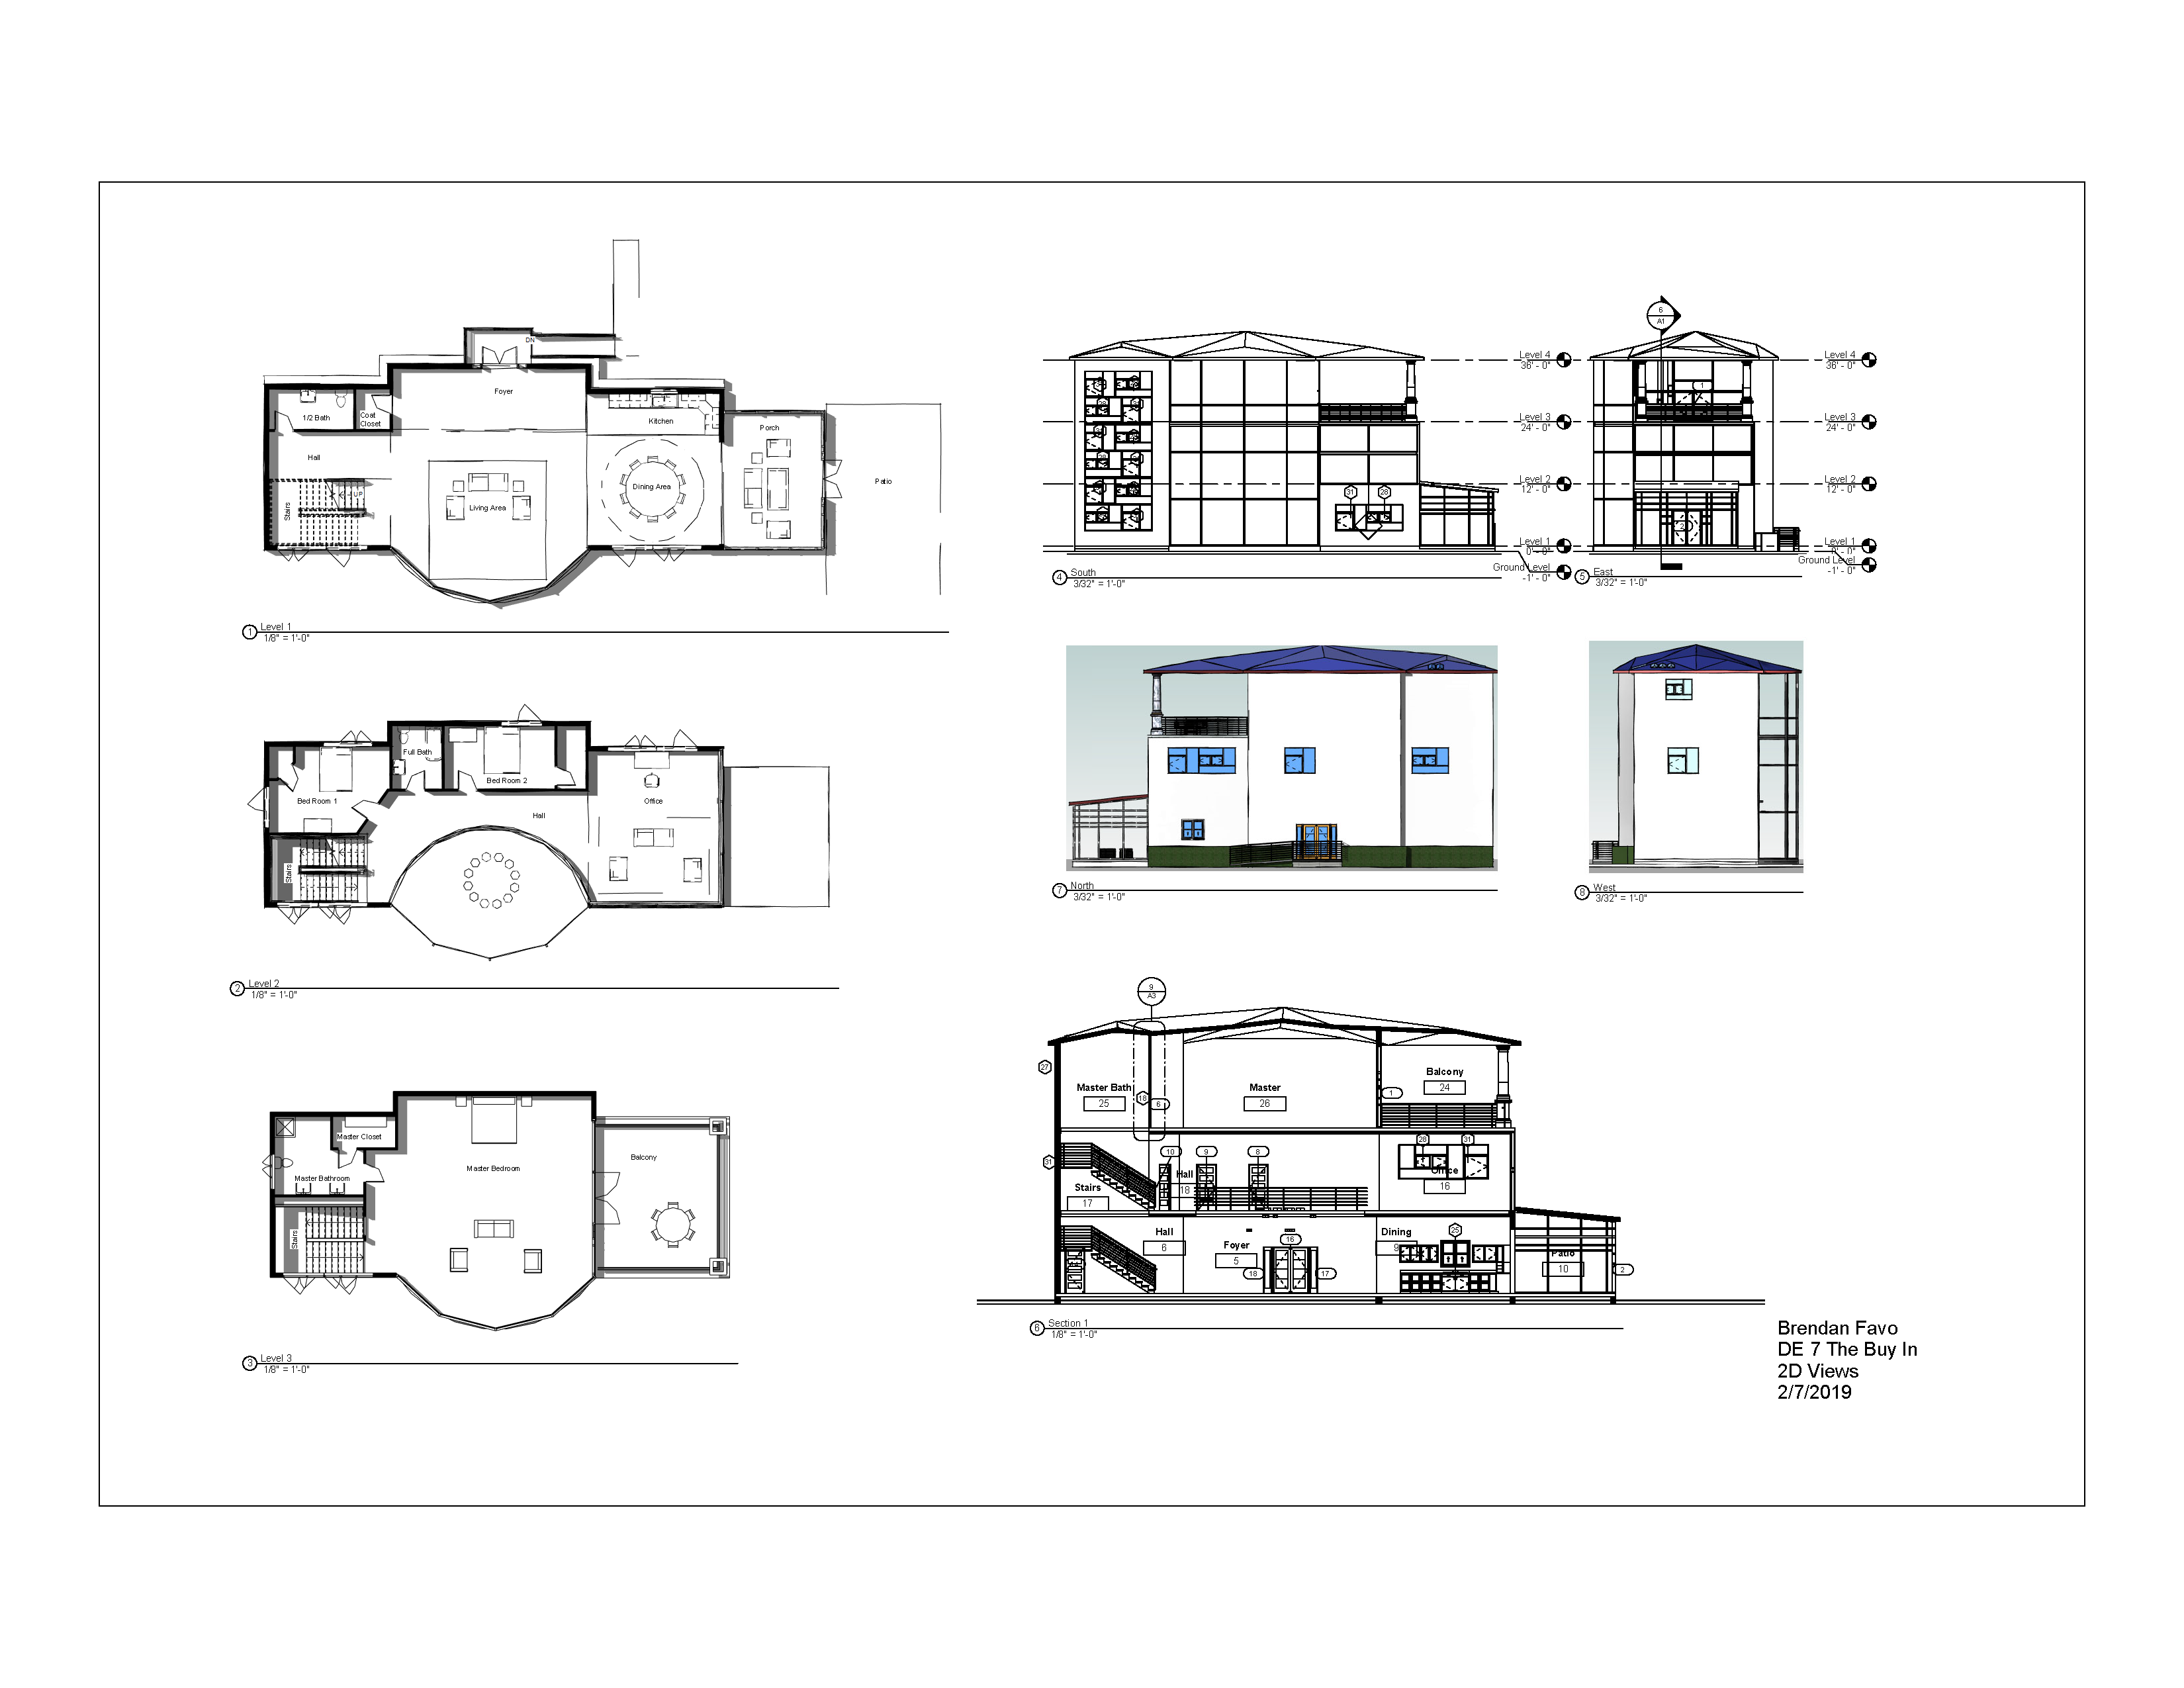 BFavo DE 7.1 - Sheet - A1 - 2D Views